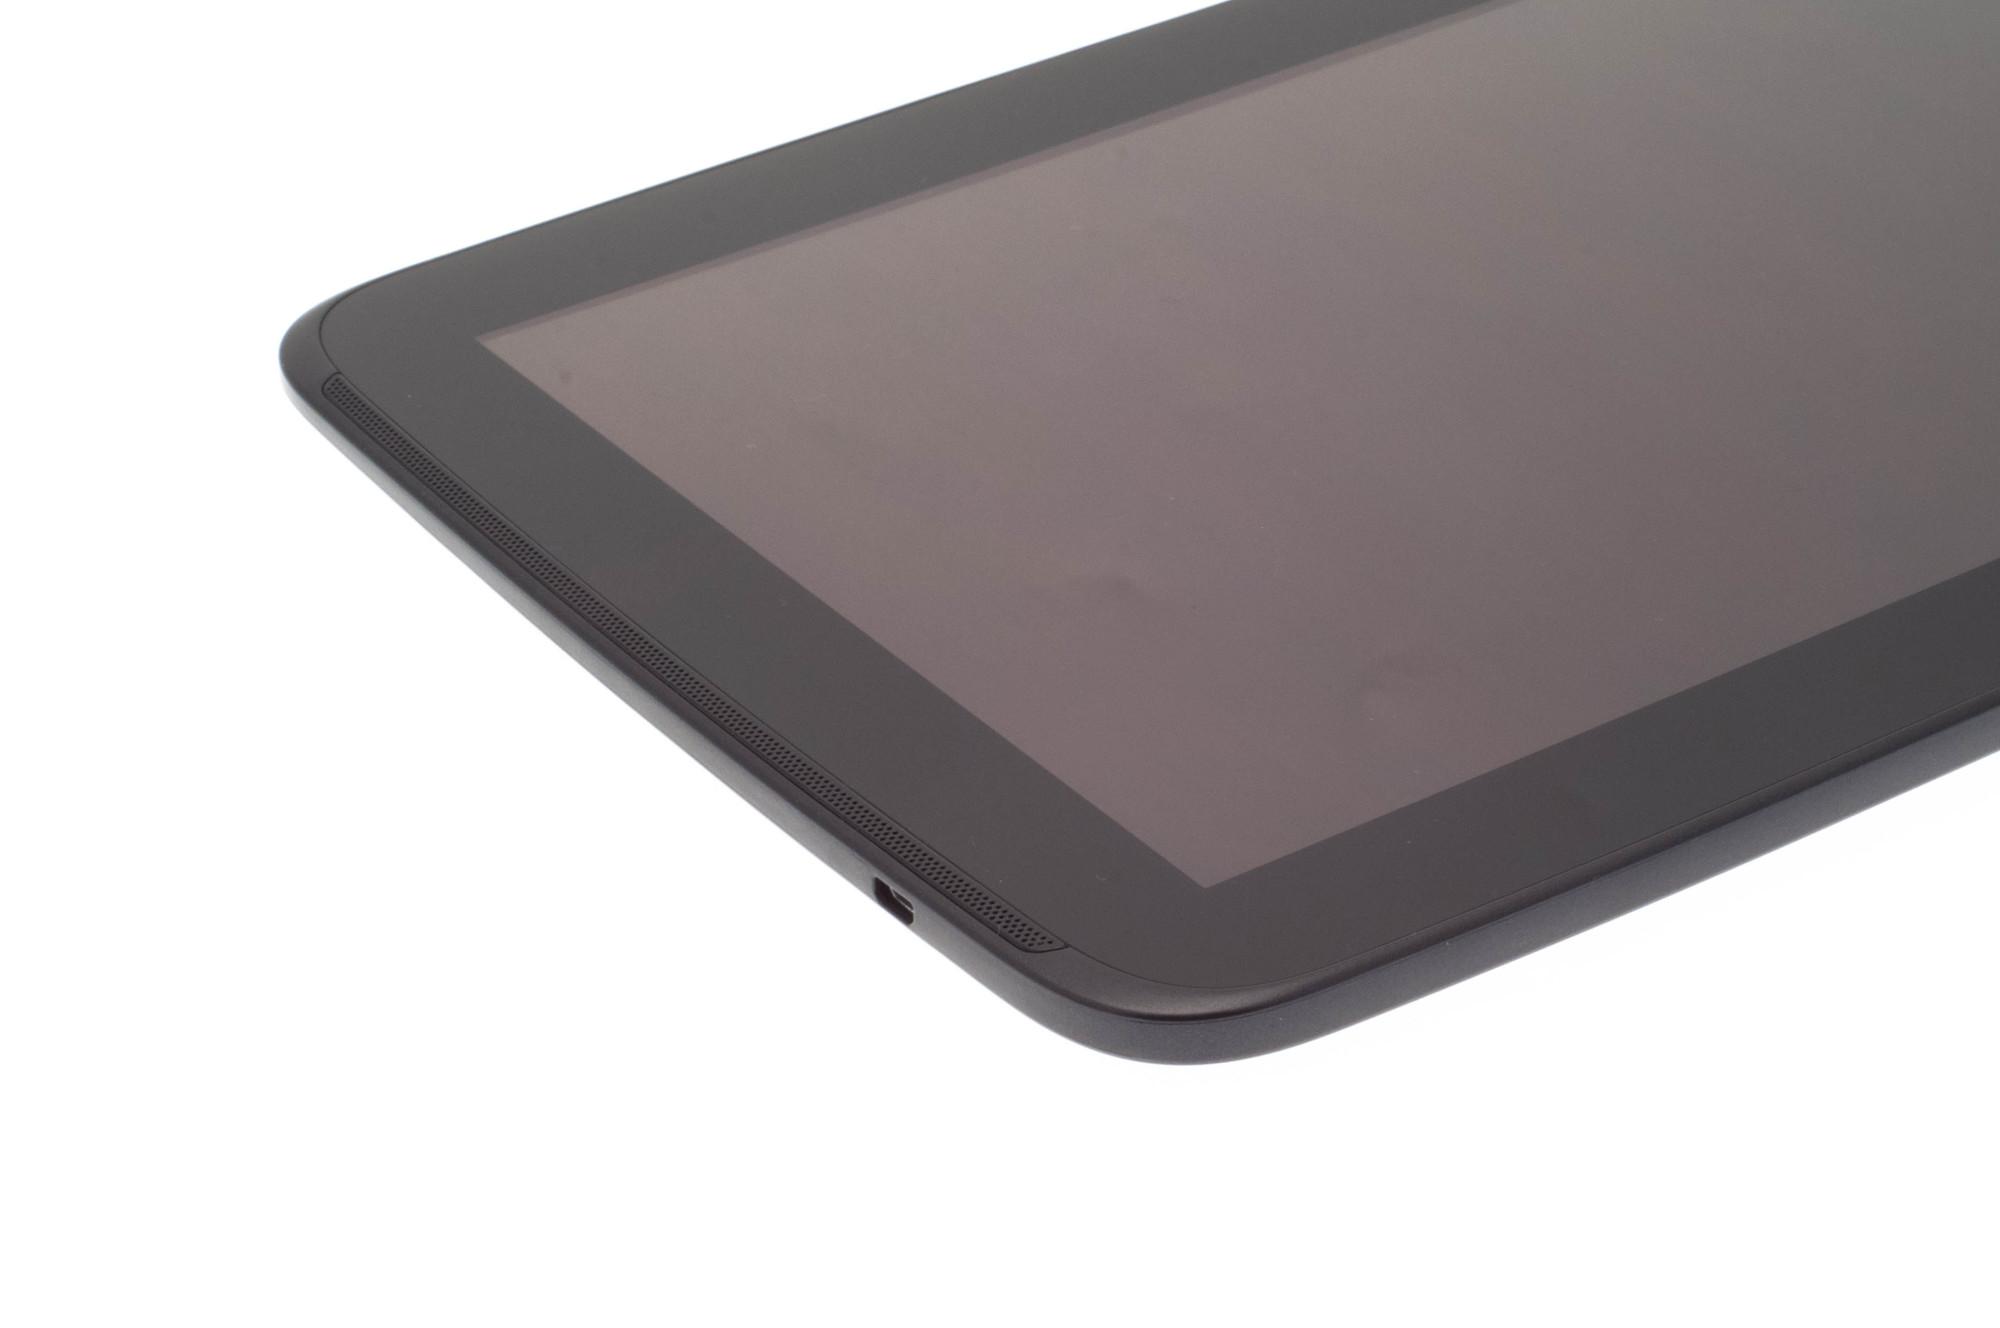 Nexus 10 im Test: Das Tablet, das zeigt, was Android kann - Das Tablet hat einen Micro-HDMI-Ausgang. Die Lautsprecher sind an beiden Seiten verbaut. (Bild: Nina Sebayang)